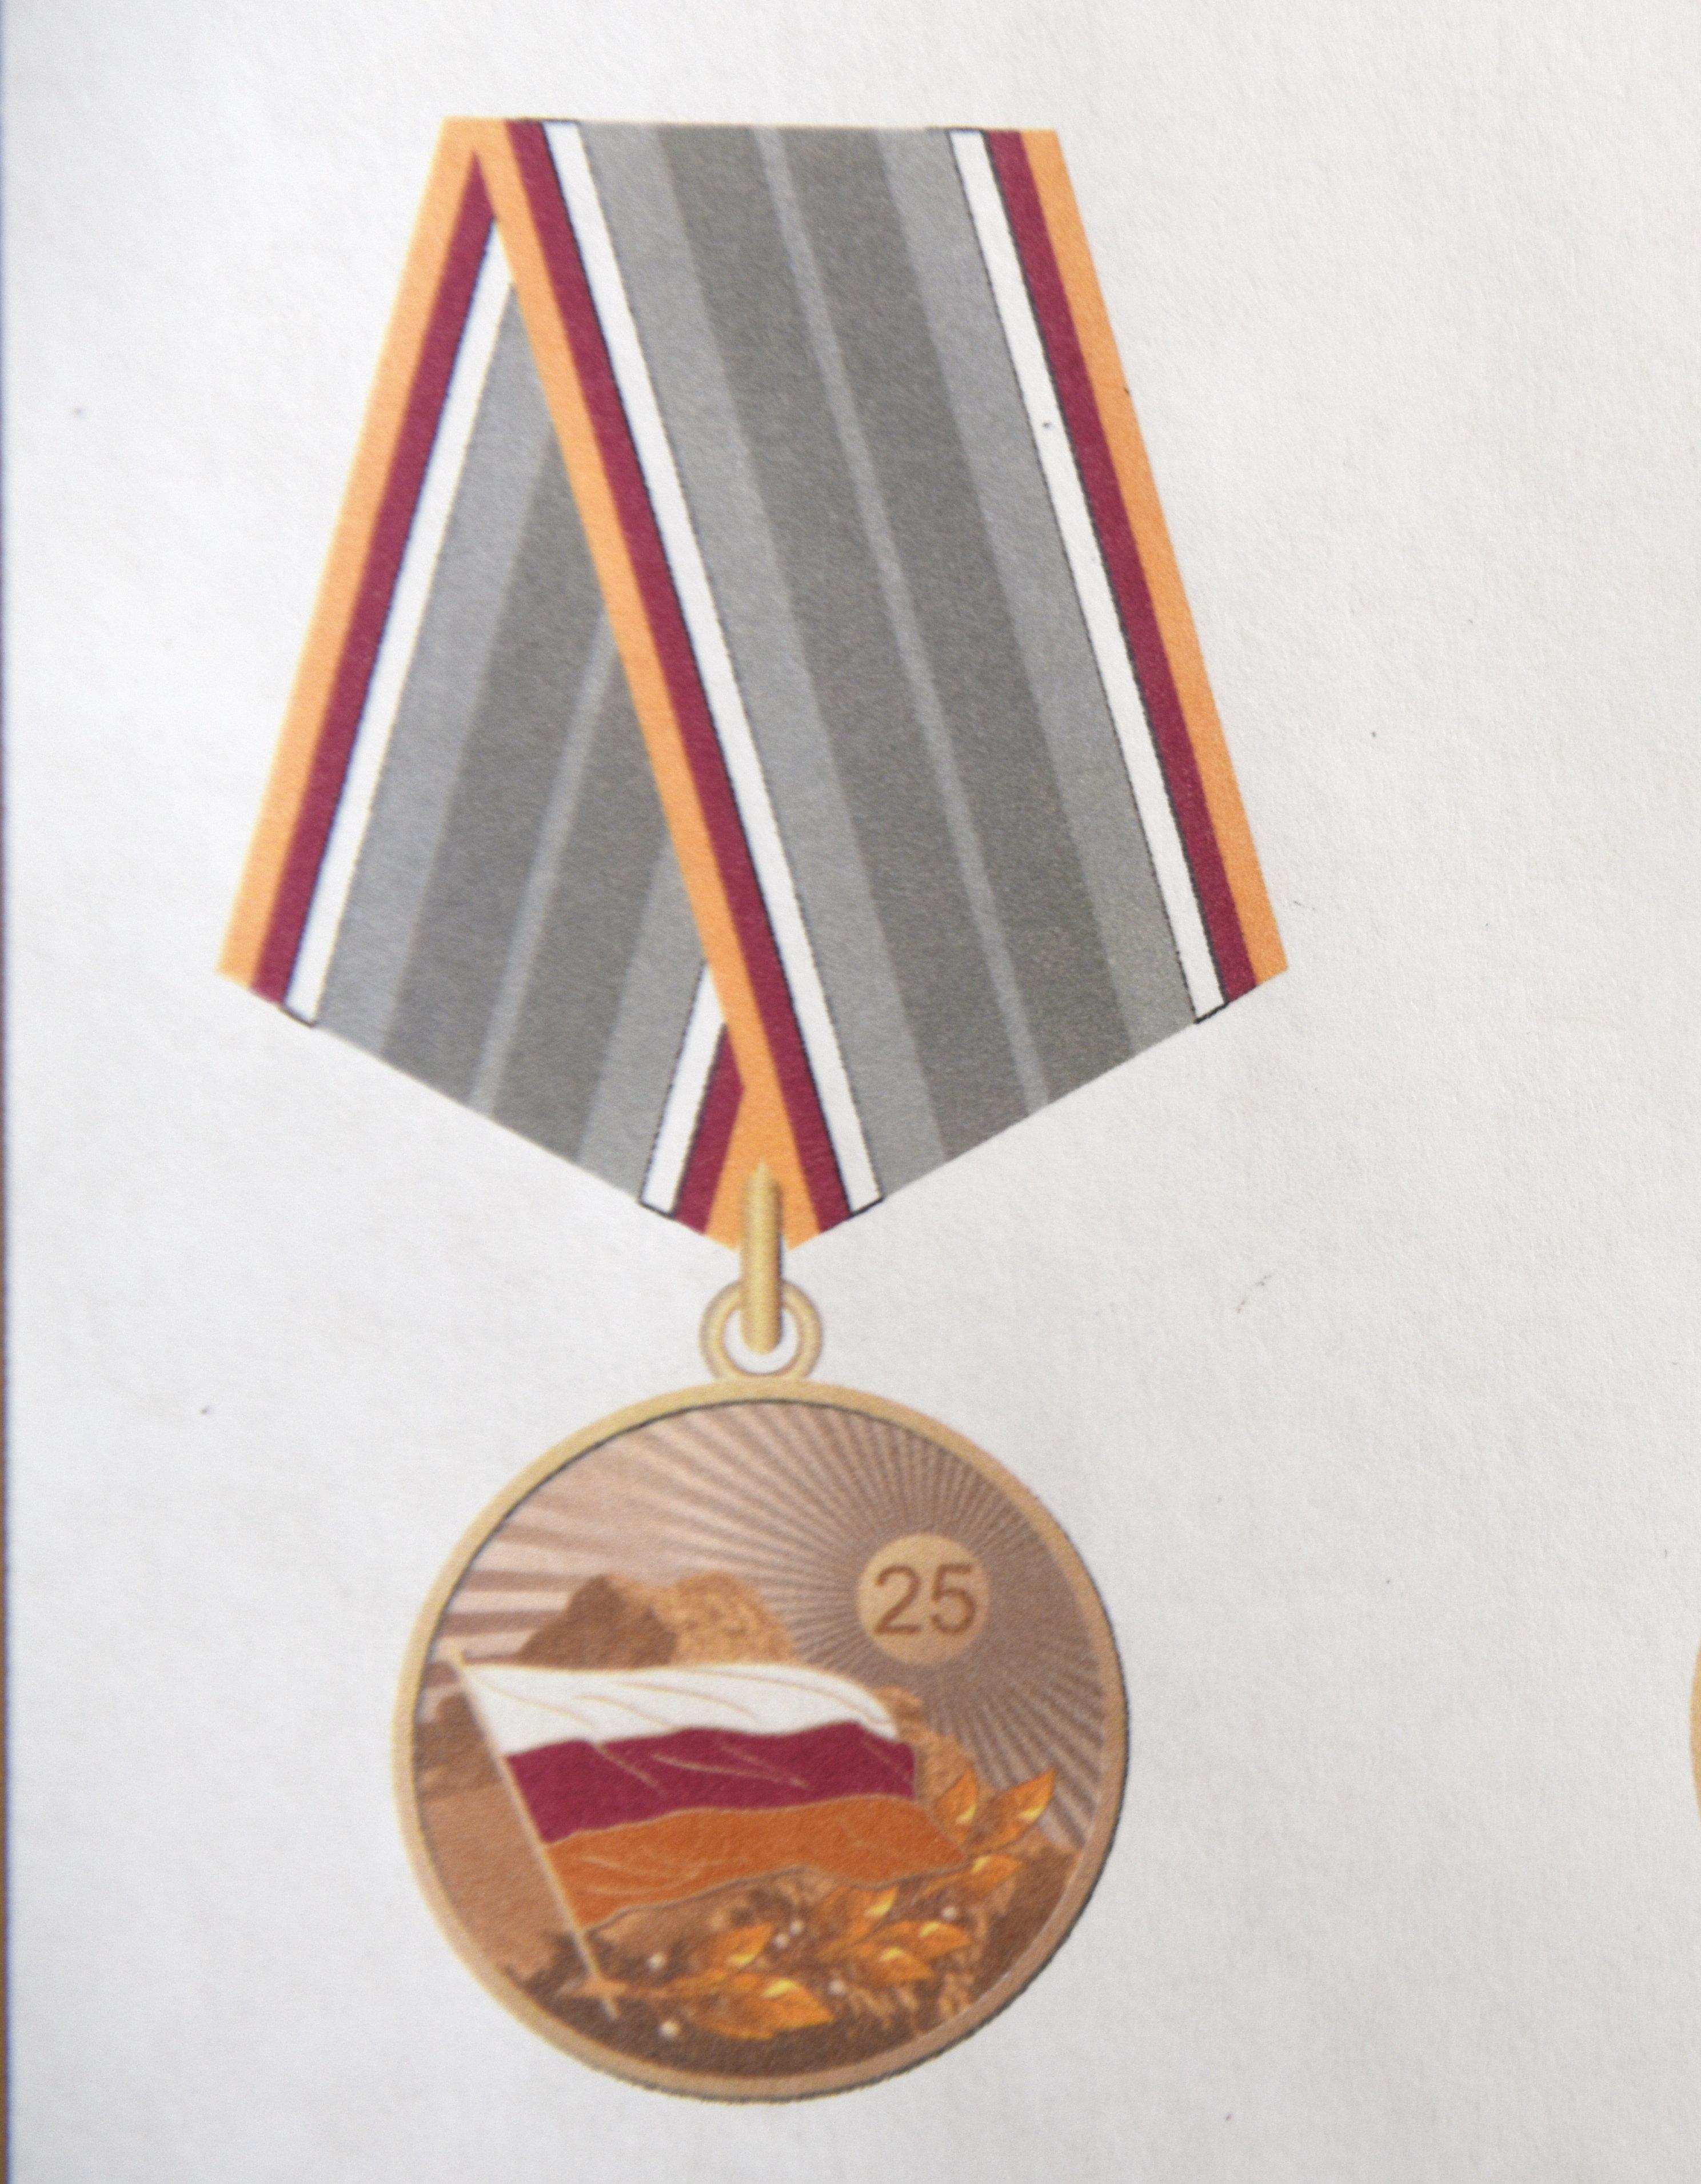 Проект медали 25 лет Южной Осетии